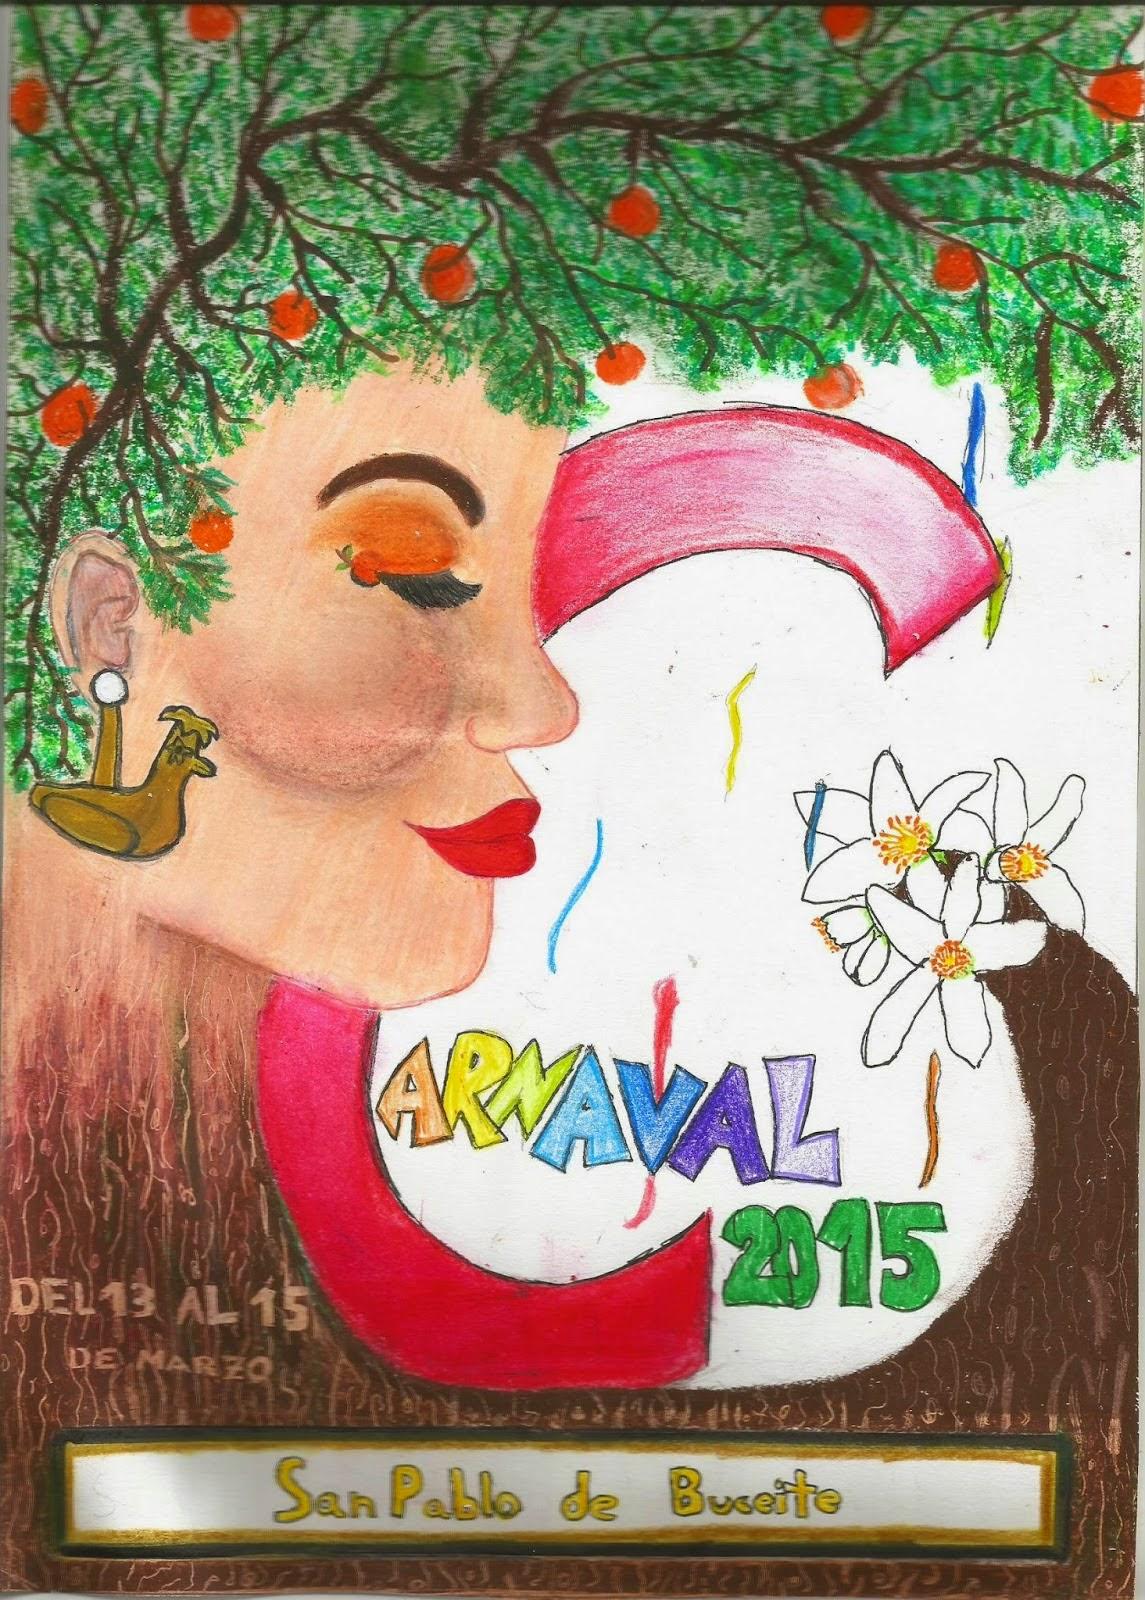 Carnaval de San Pablo 2015